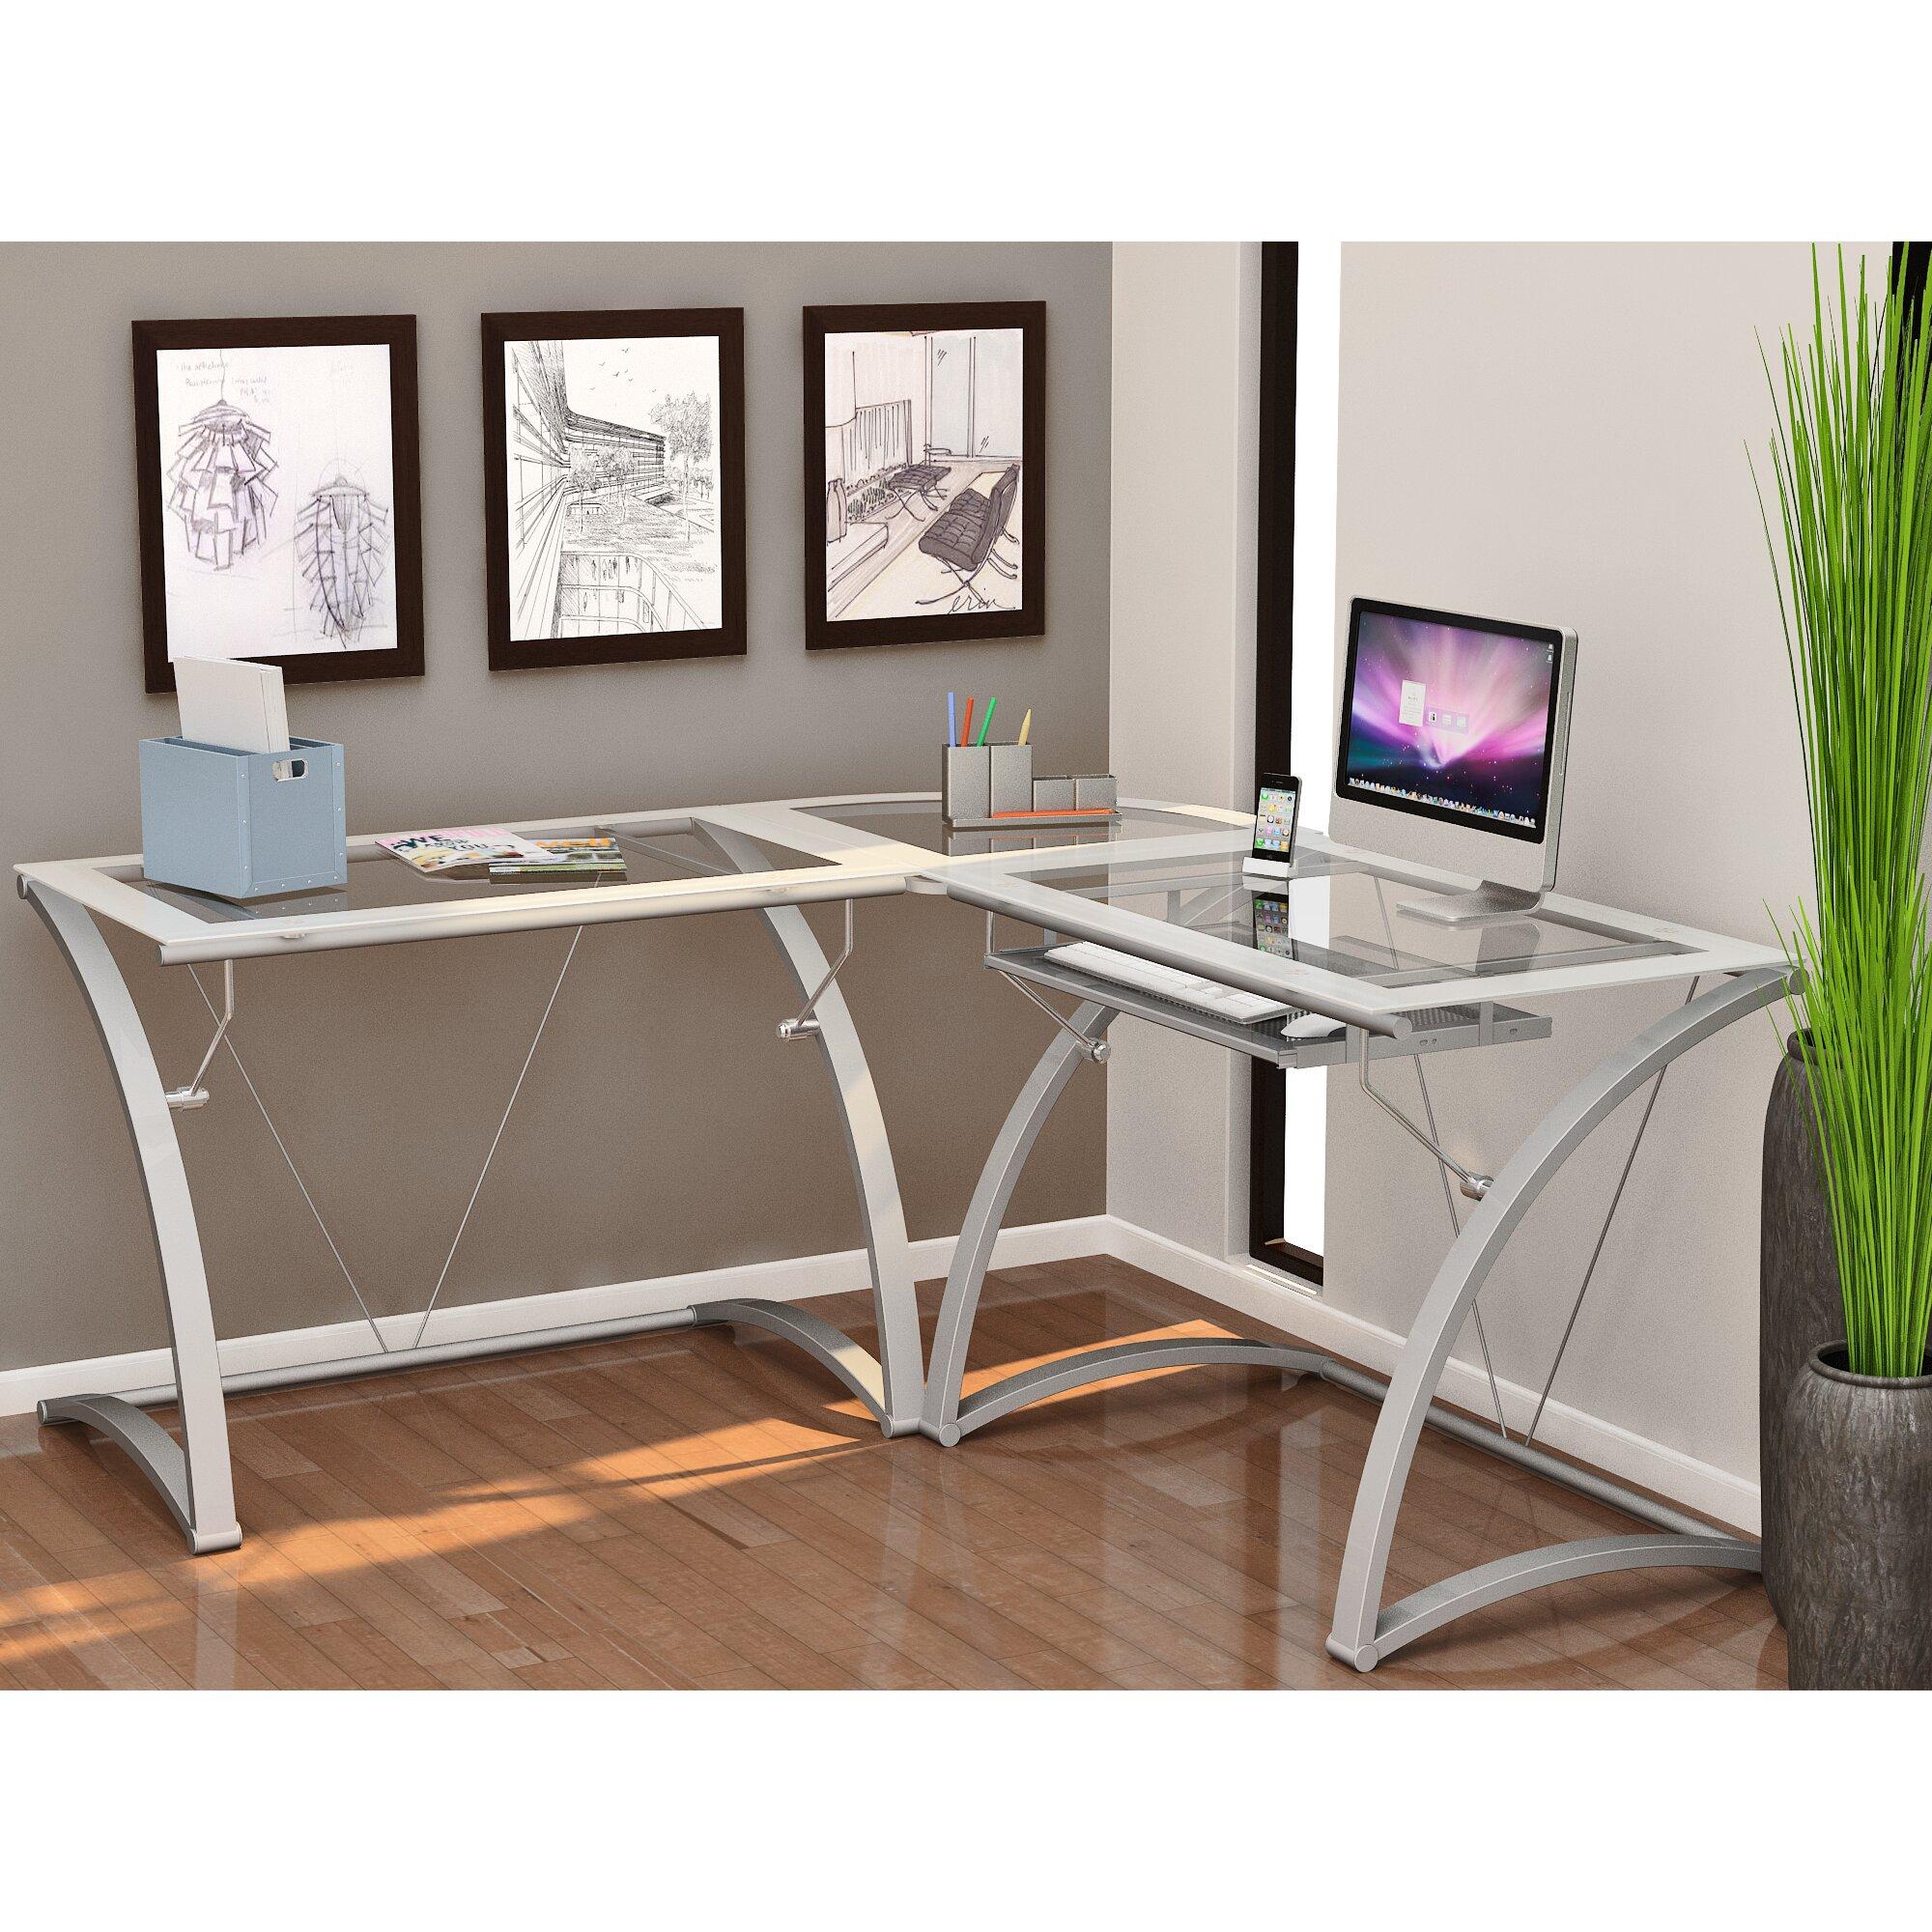 Z Line Designs Gianna puter Desk & Reviews